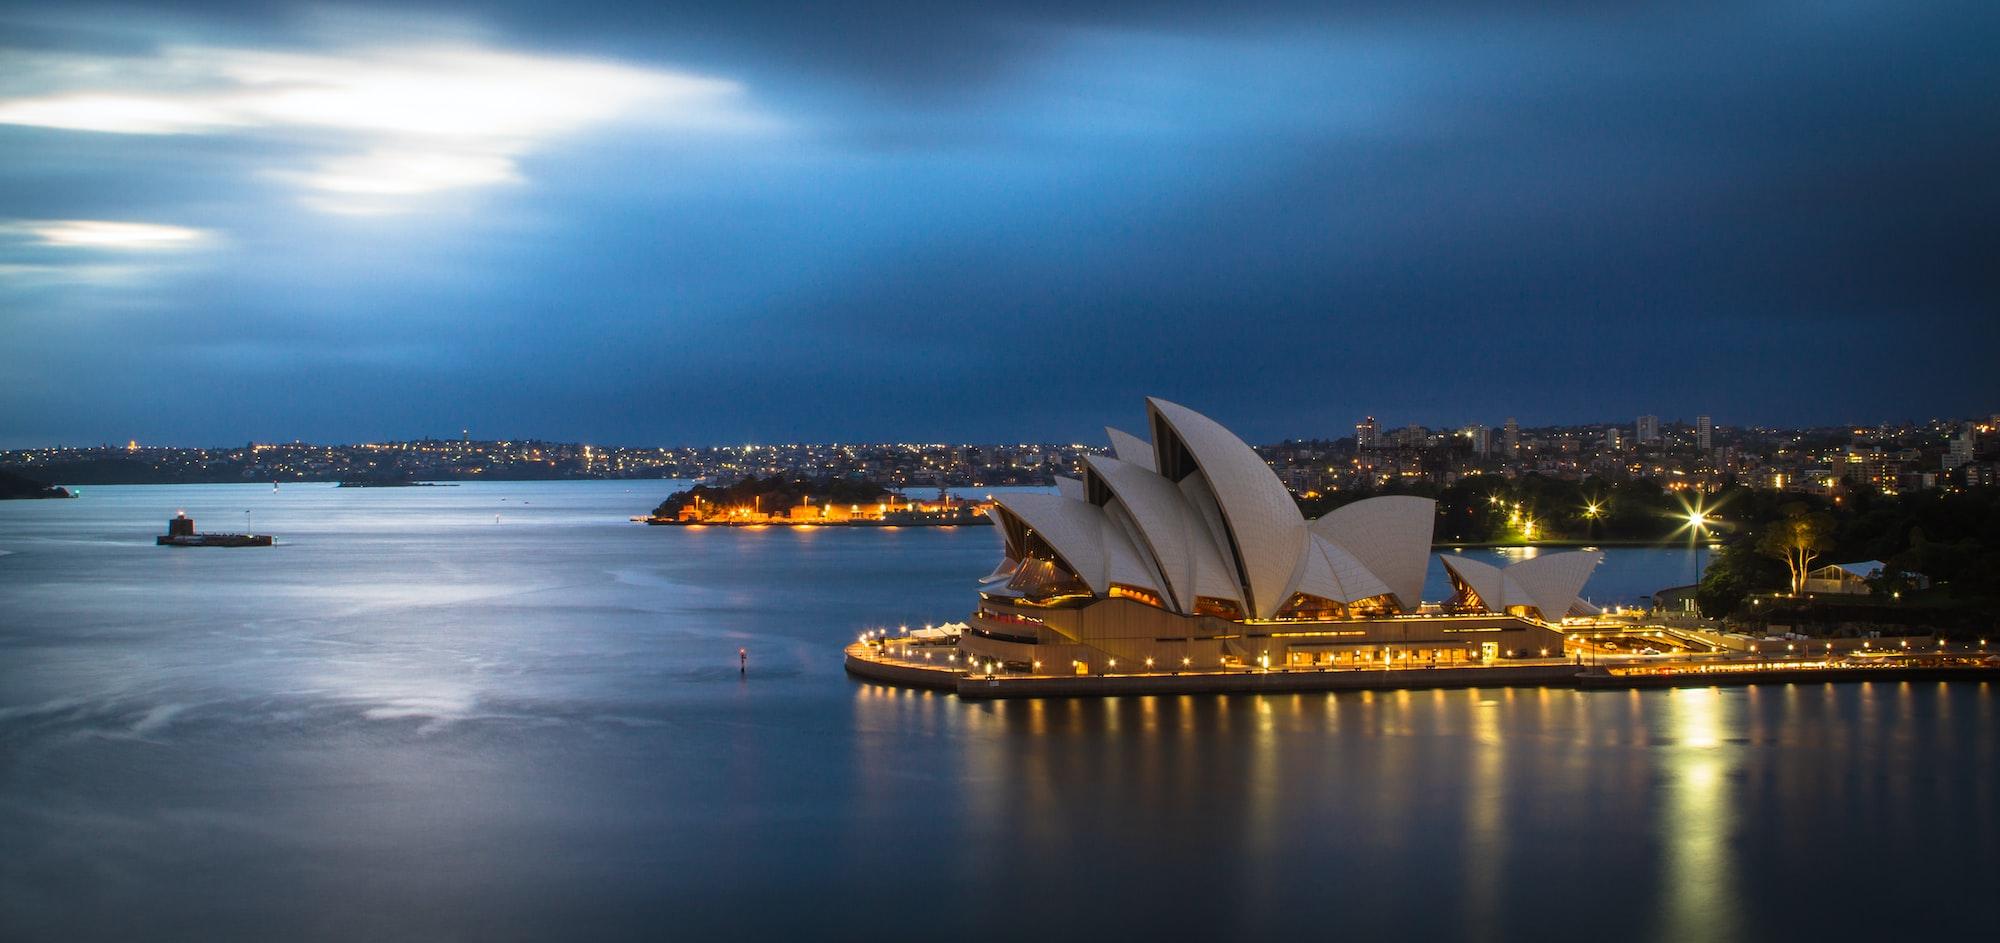 उच्च शिक्षा के लिए जल्द आस्ट्रेलिया जा सकेंगे 17,000 भारतीय छात्र